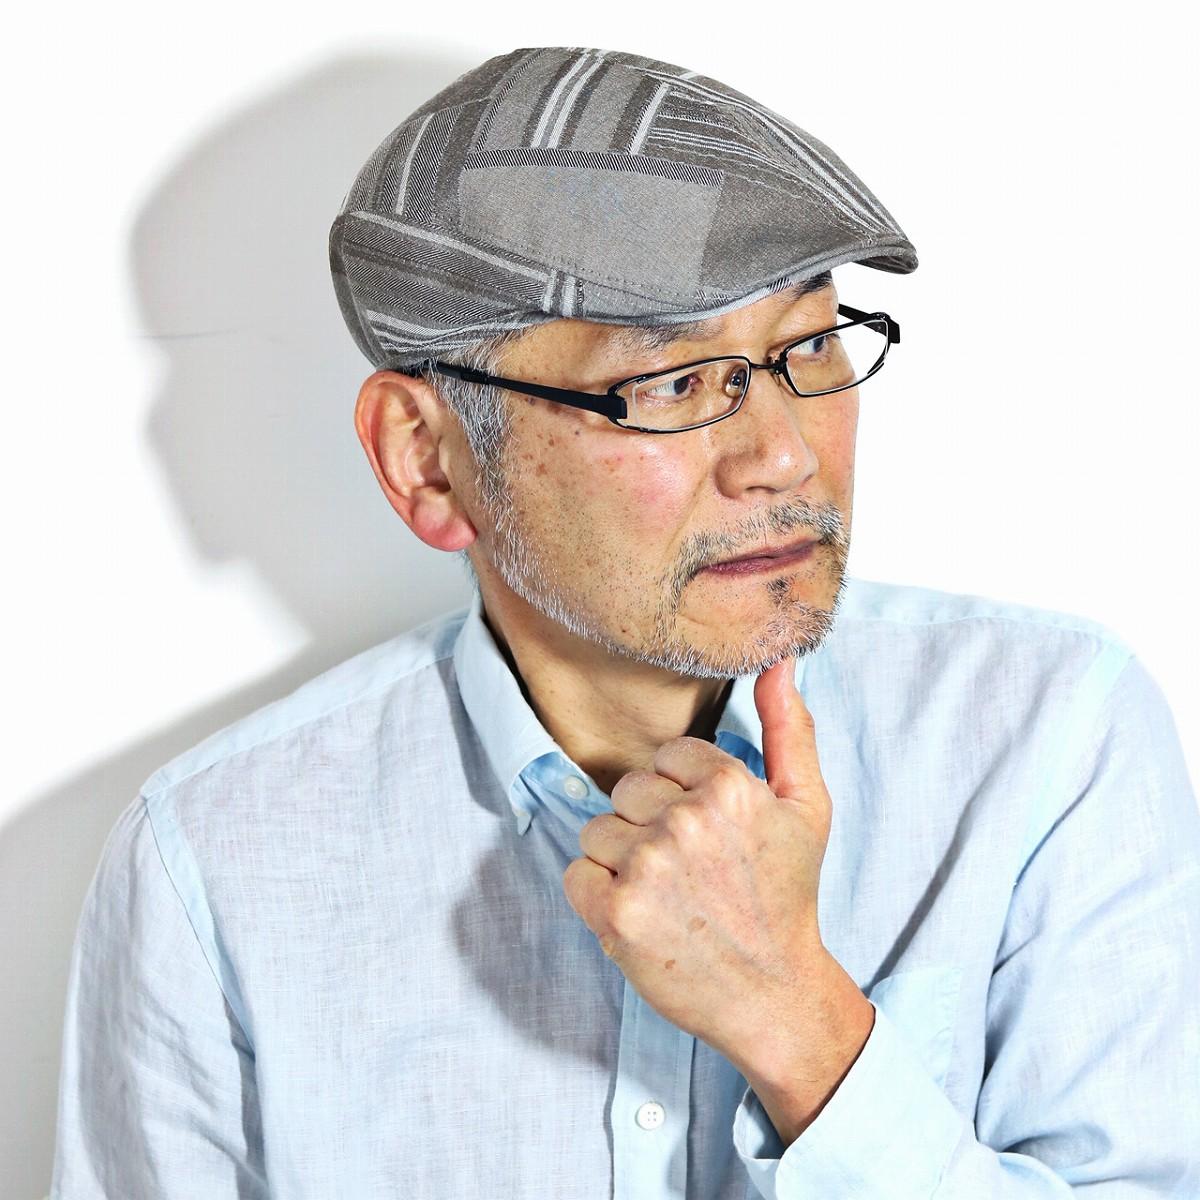 ハンチング メンズ フランス製 CRAMBES 夏 帽子 ビッグサイズ インポートブランド IVY CAP クランベス メンズ 大きいサイズ プロムナード ブラウン系 [ ivy cap ] クリスマス 帽子 プレゼント ギフト